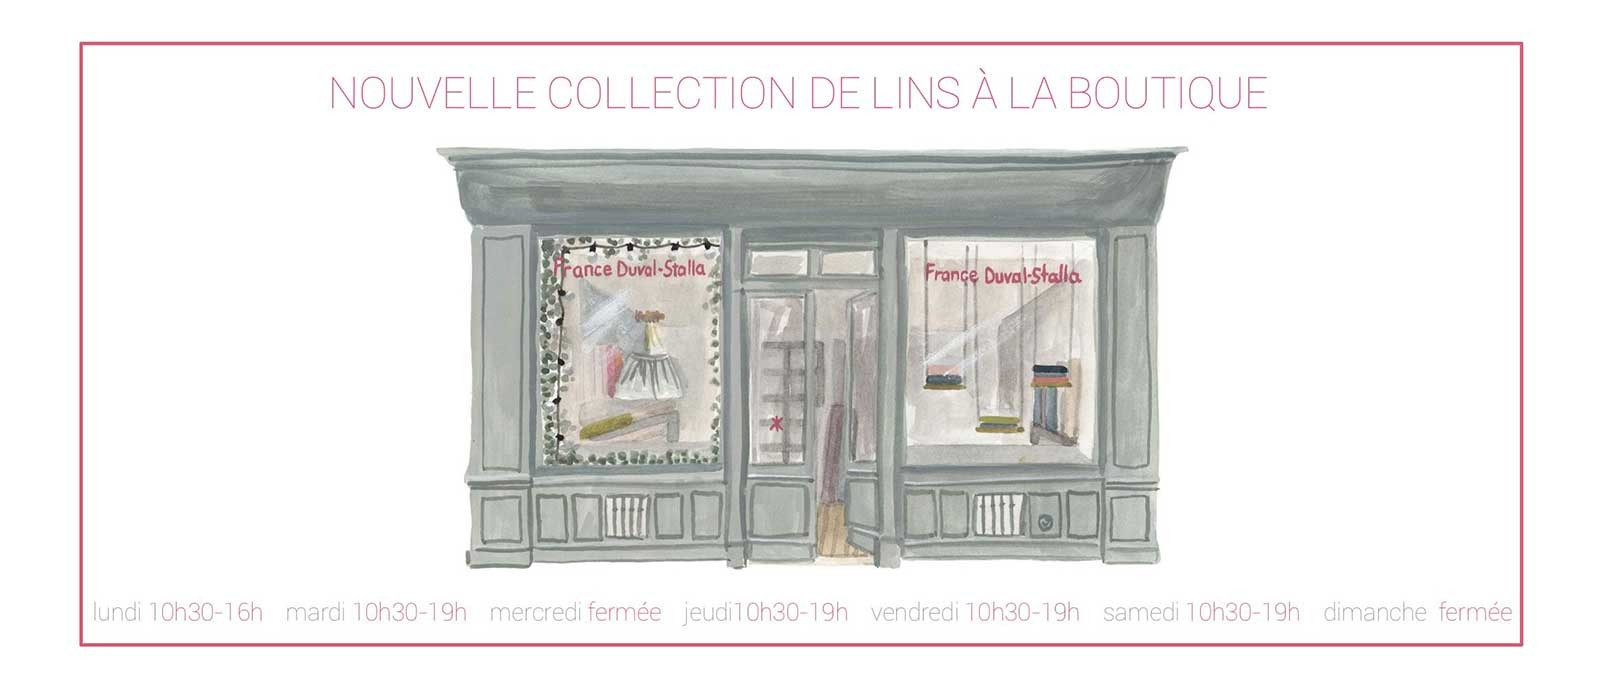 boutique illustration